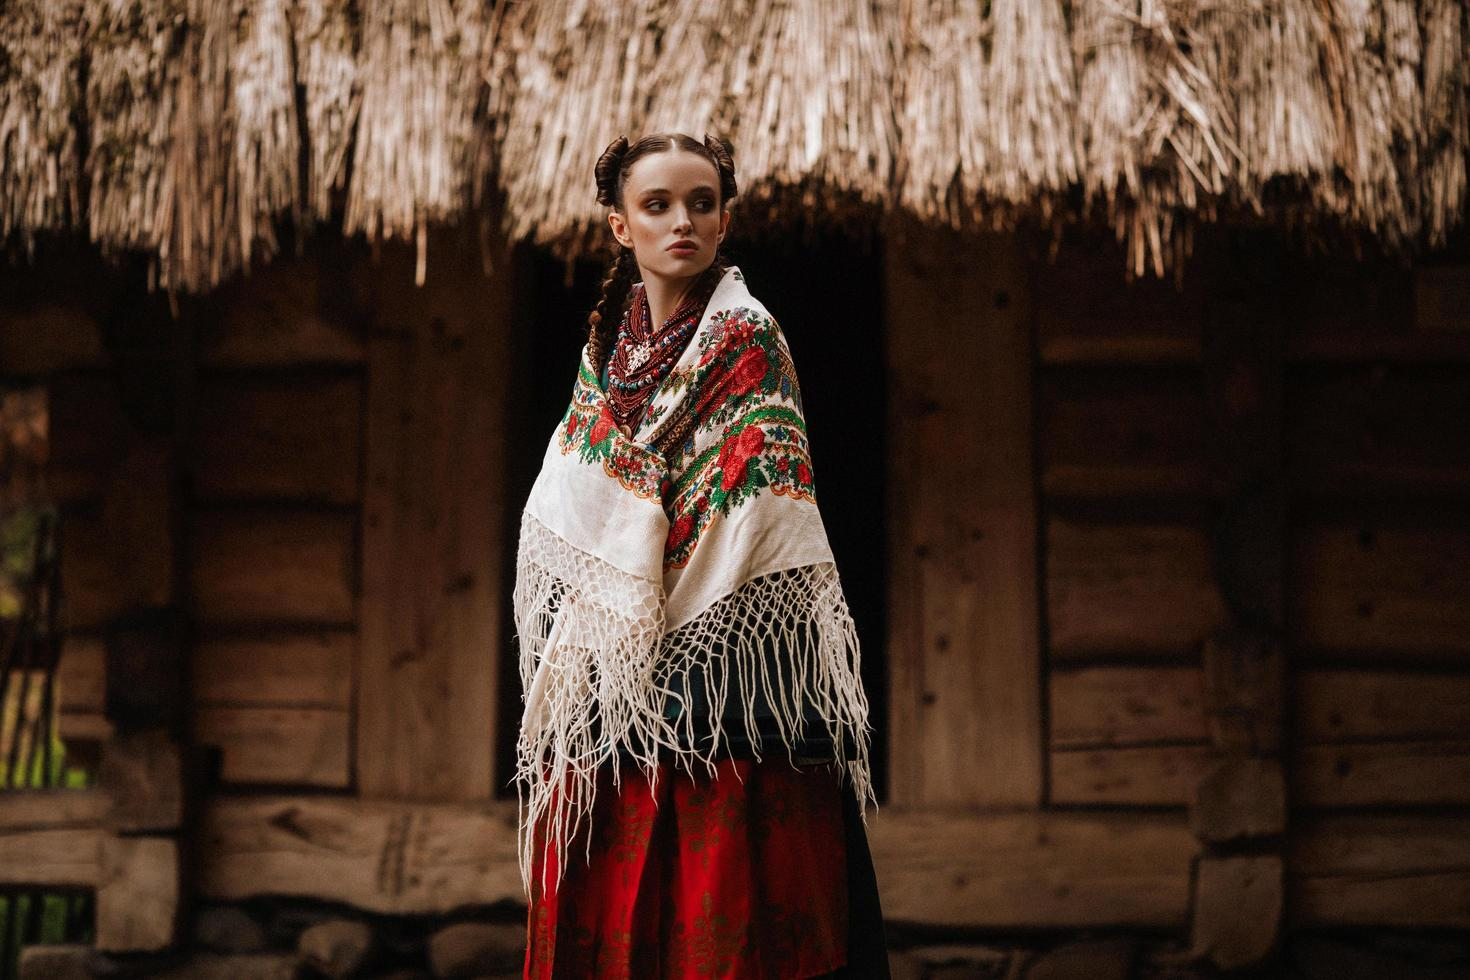 junges Mädchen posiert im ukrainischen Kleid foto